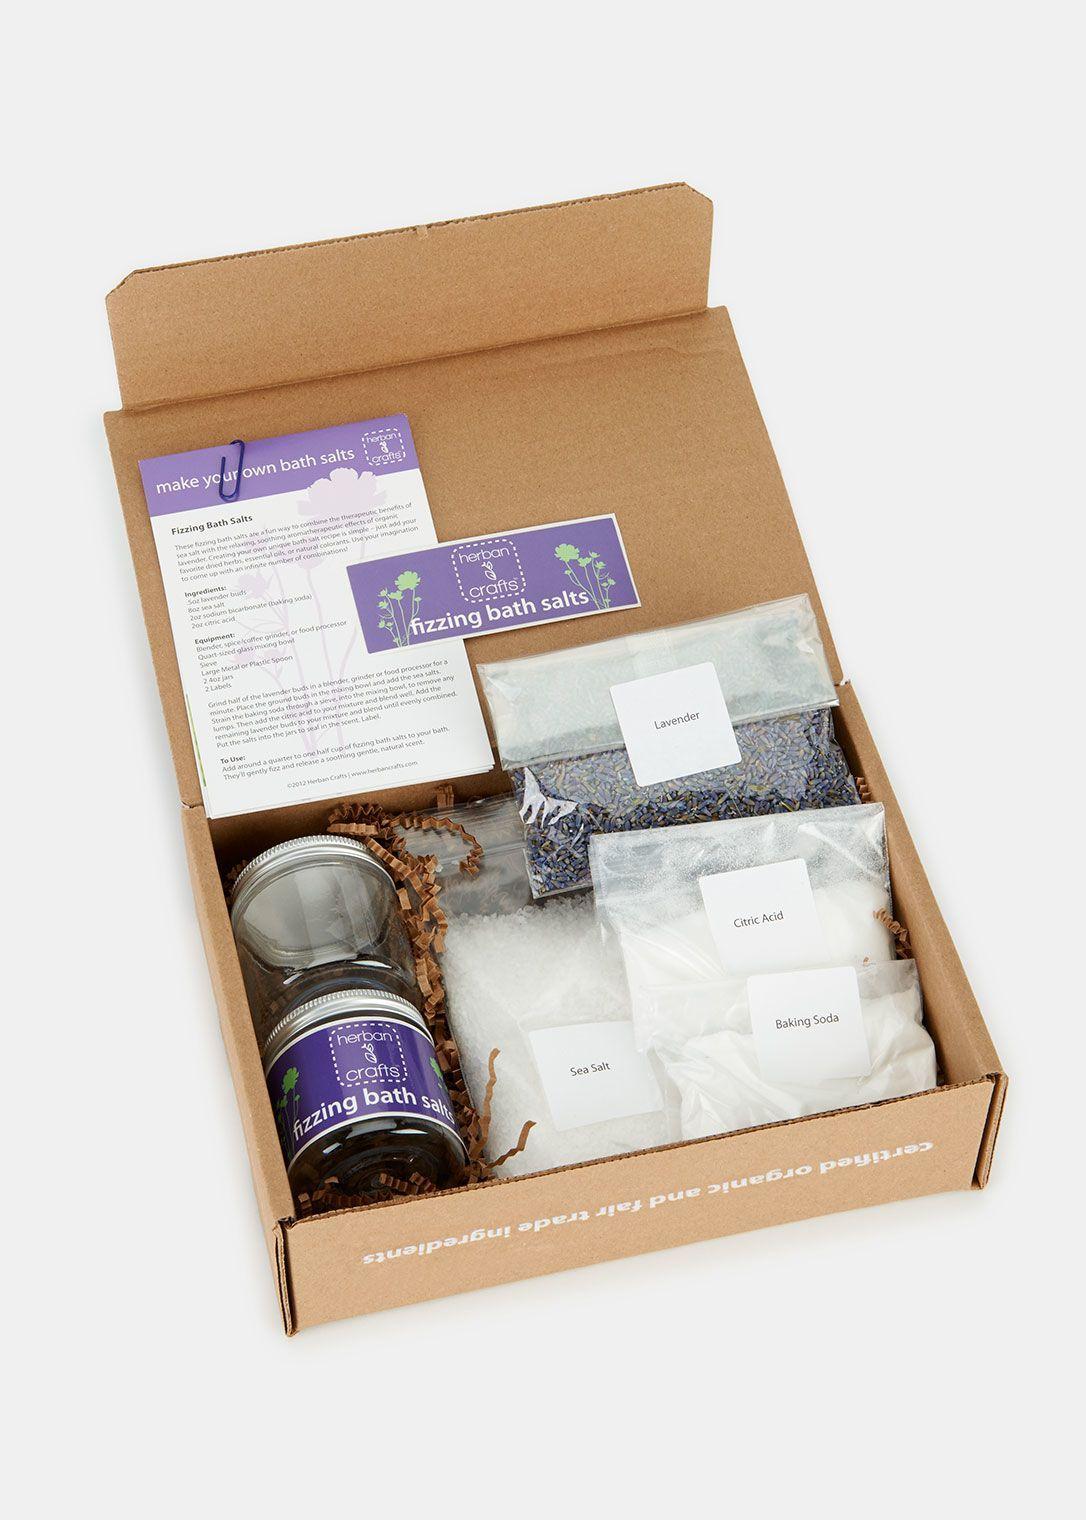 Diy make your own bath salts kit rodales bath salts